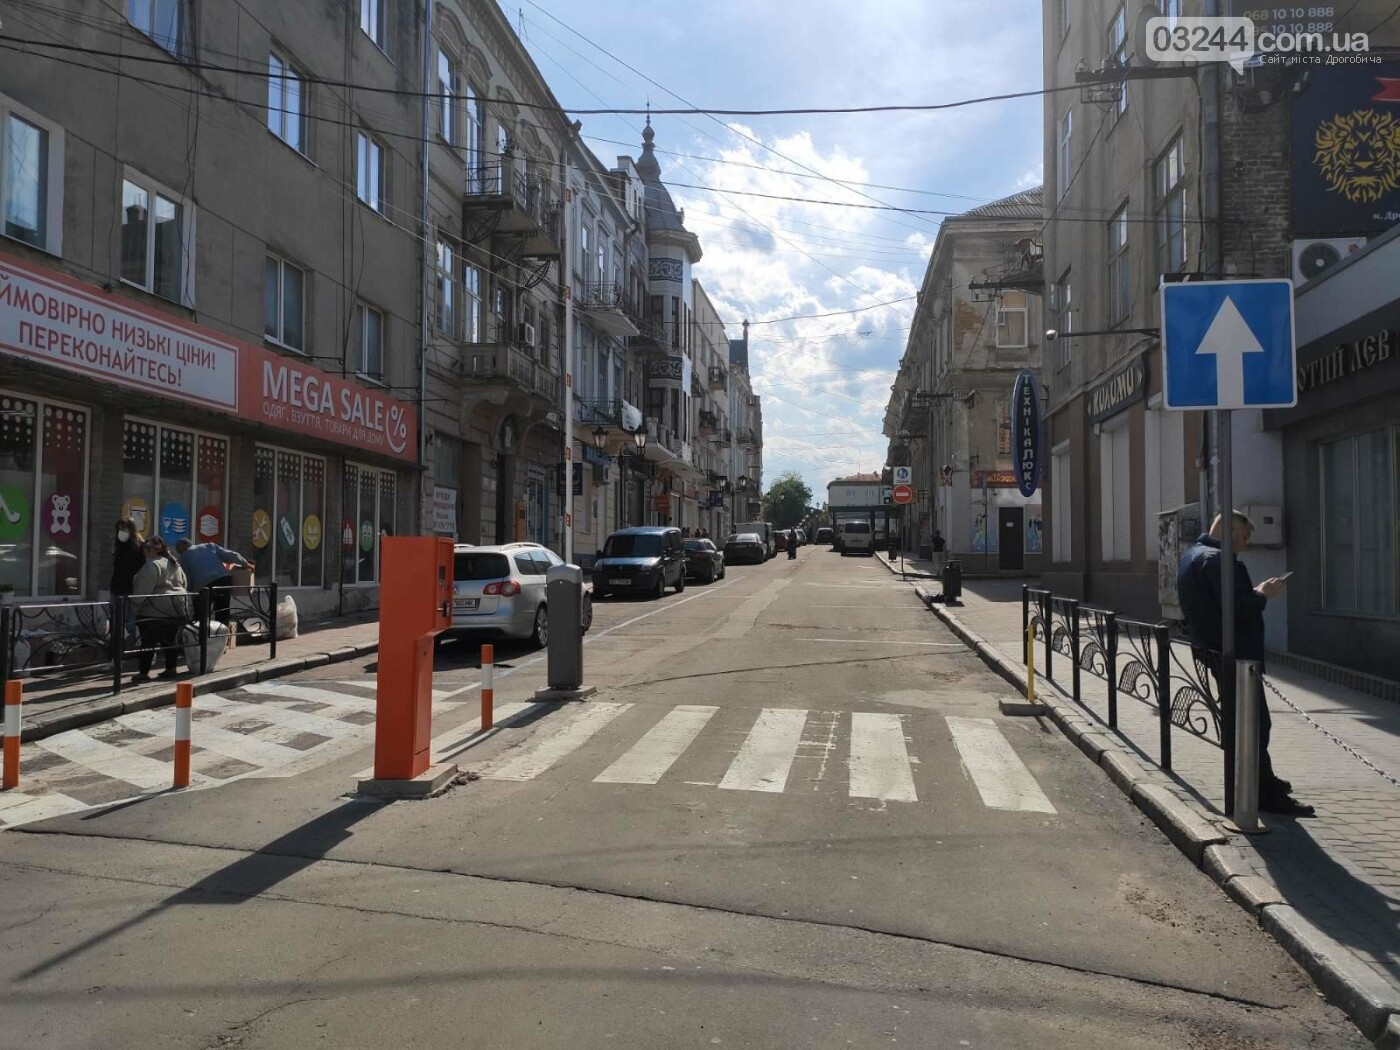 У центрі Дрогобича з понеділка розпочинають тестувати платну систему паркування, фото-1